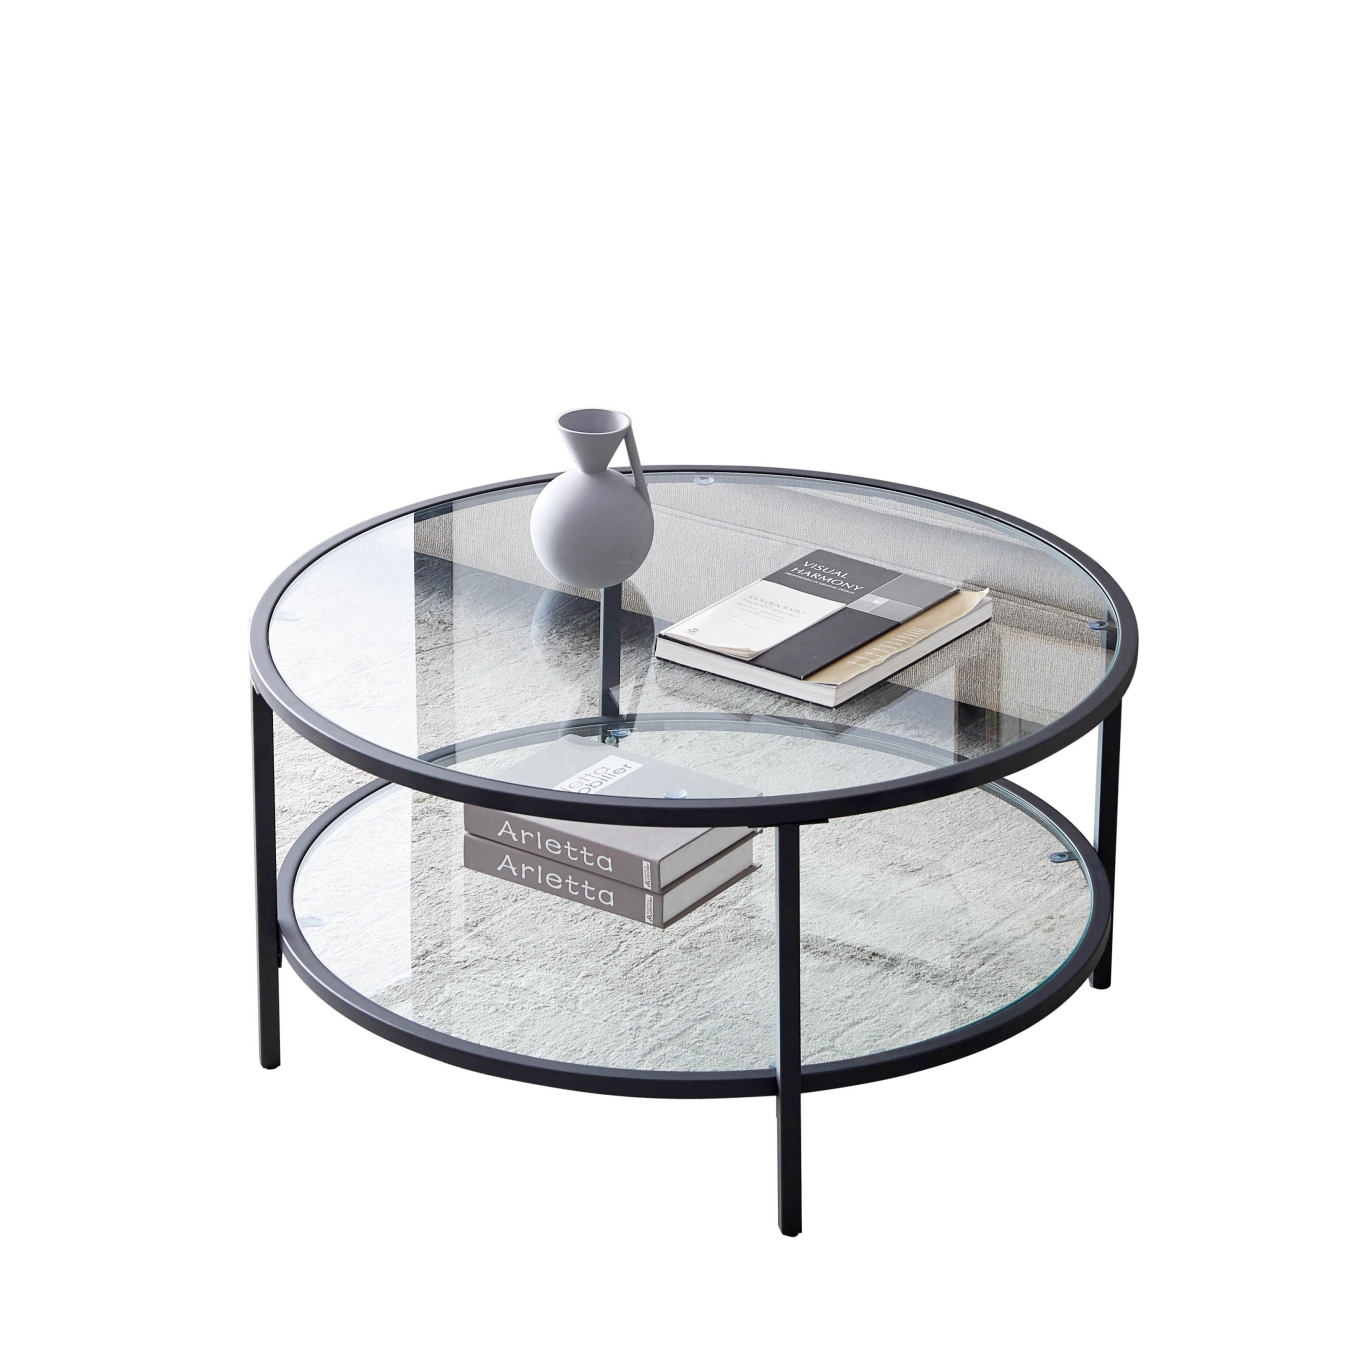 带大储物空间的玻璃咖啡桌 - 黑色